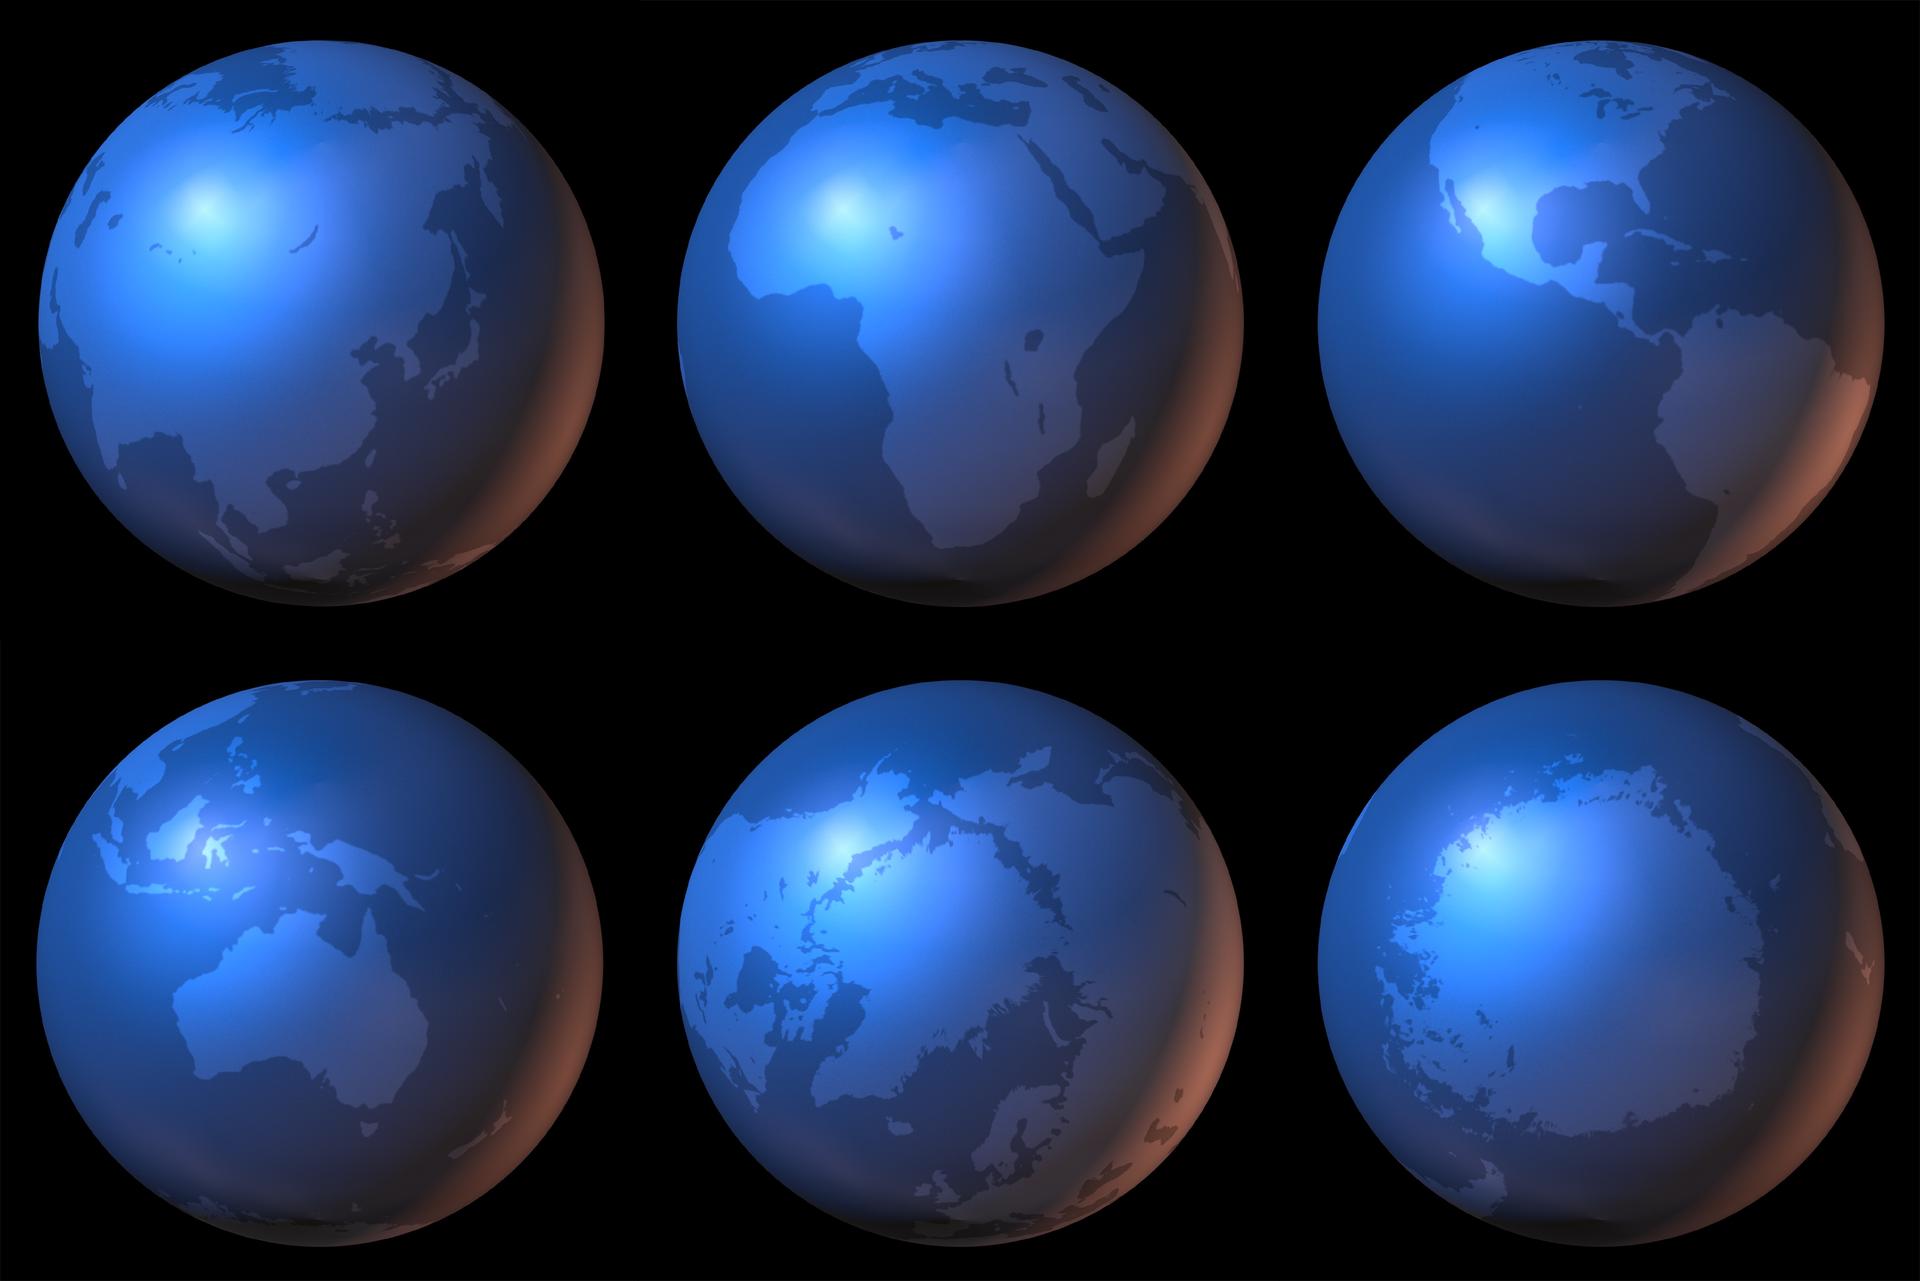 Na ilustracji sześć kul ziemskich wdwóch rzędach po trzy kule. Na każdej kuli inny kontynent.